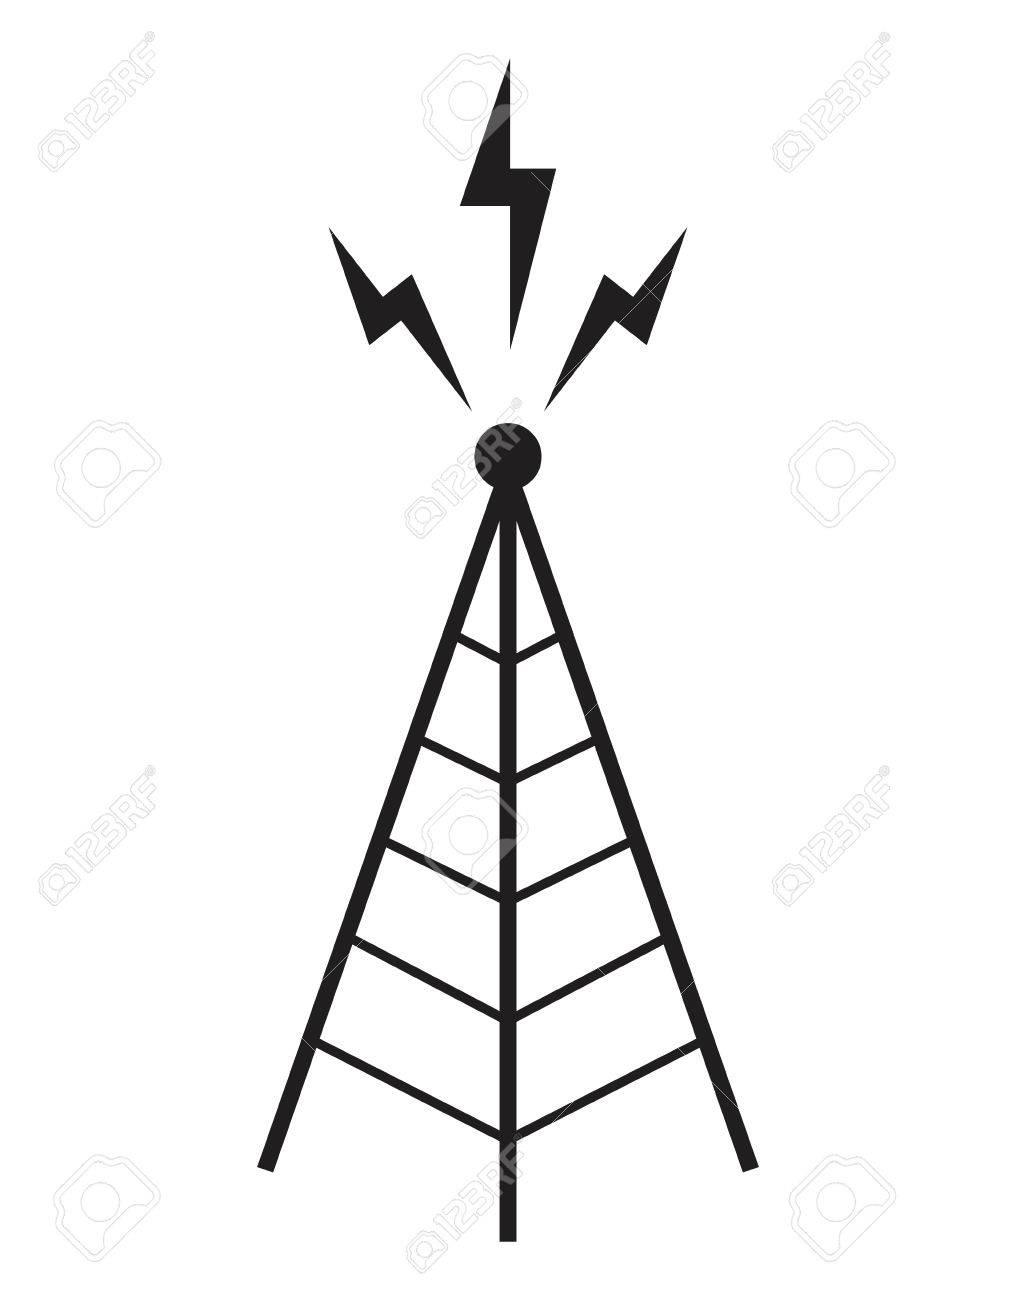 Torre De Radio Mástil De La Antena De Comunicaciones